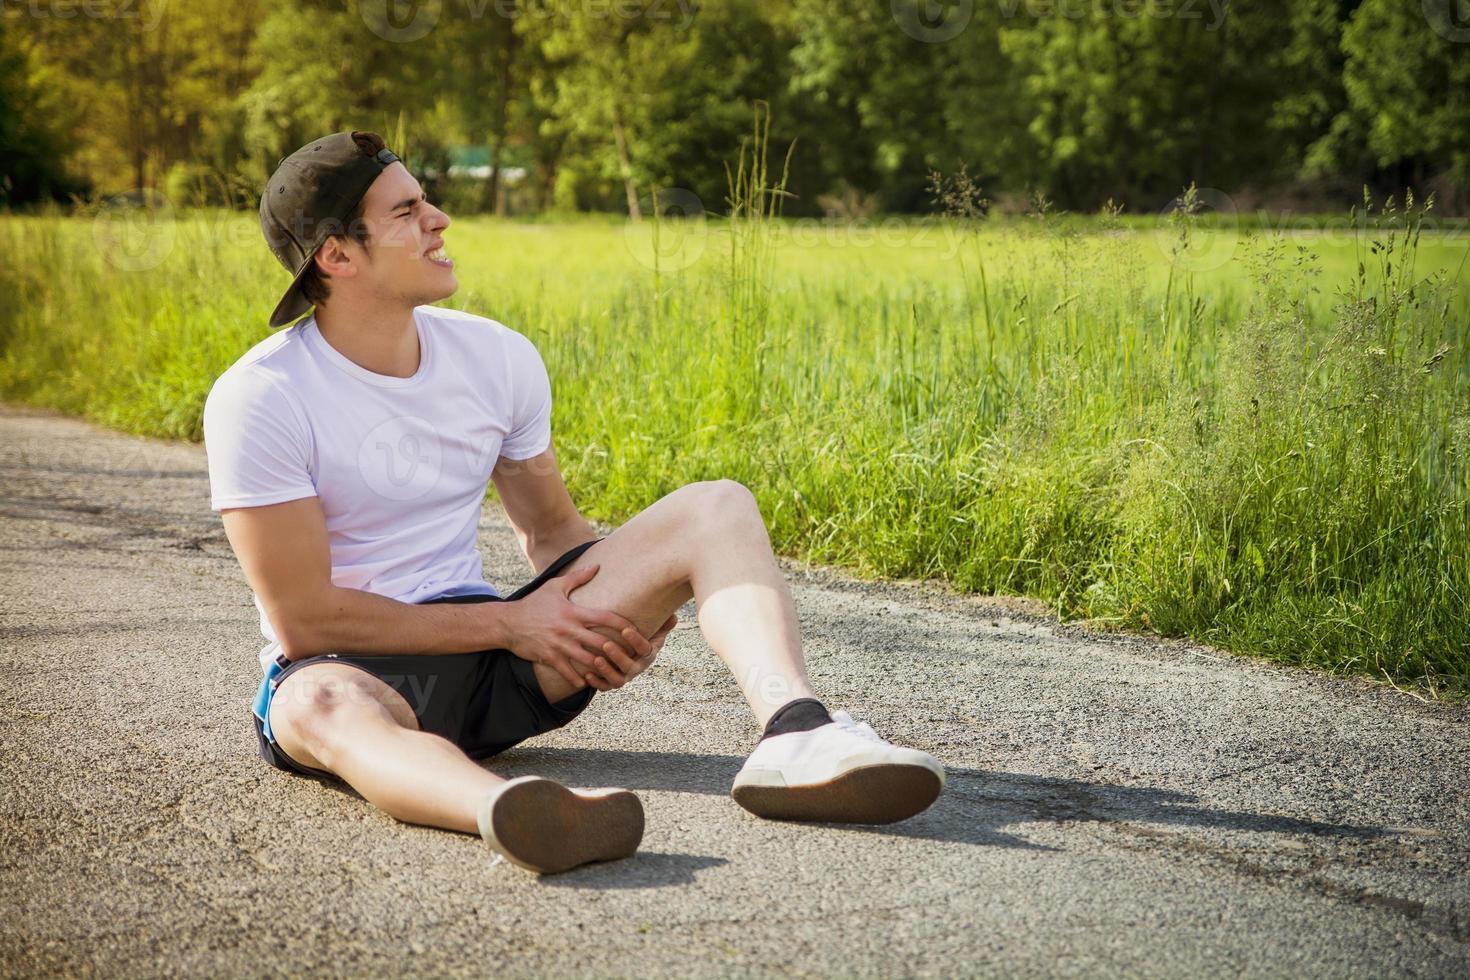 apuesto joven herido mientras corría y trotaba en la carretera foto